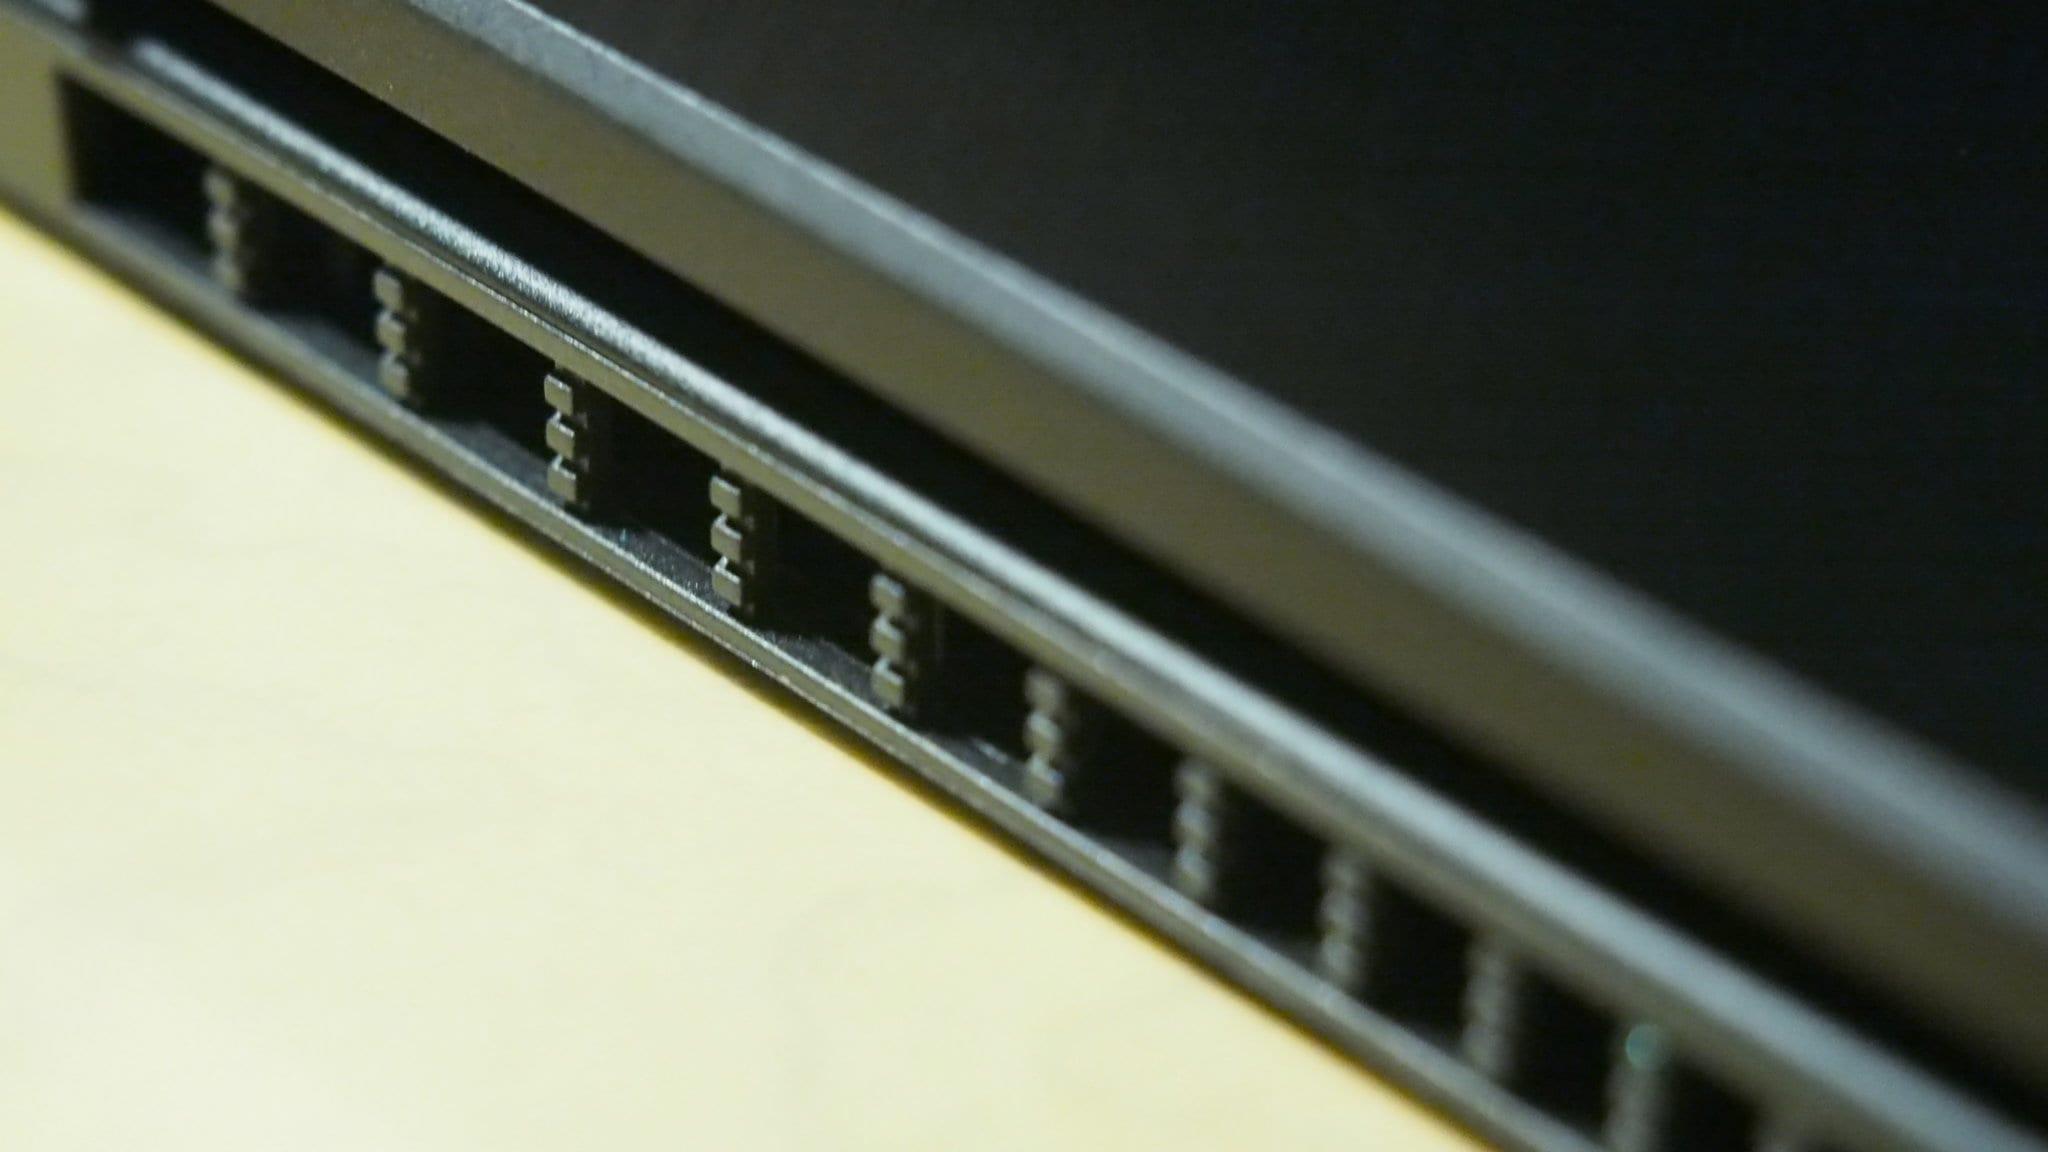 פתחי האוורור של Zenbook Flip 13